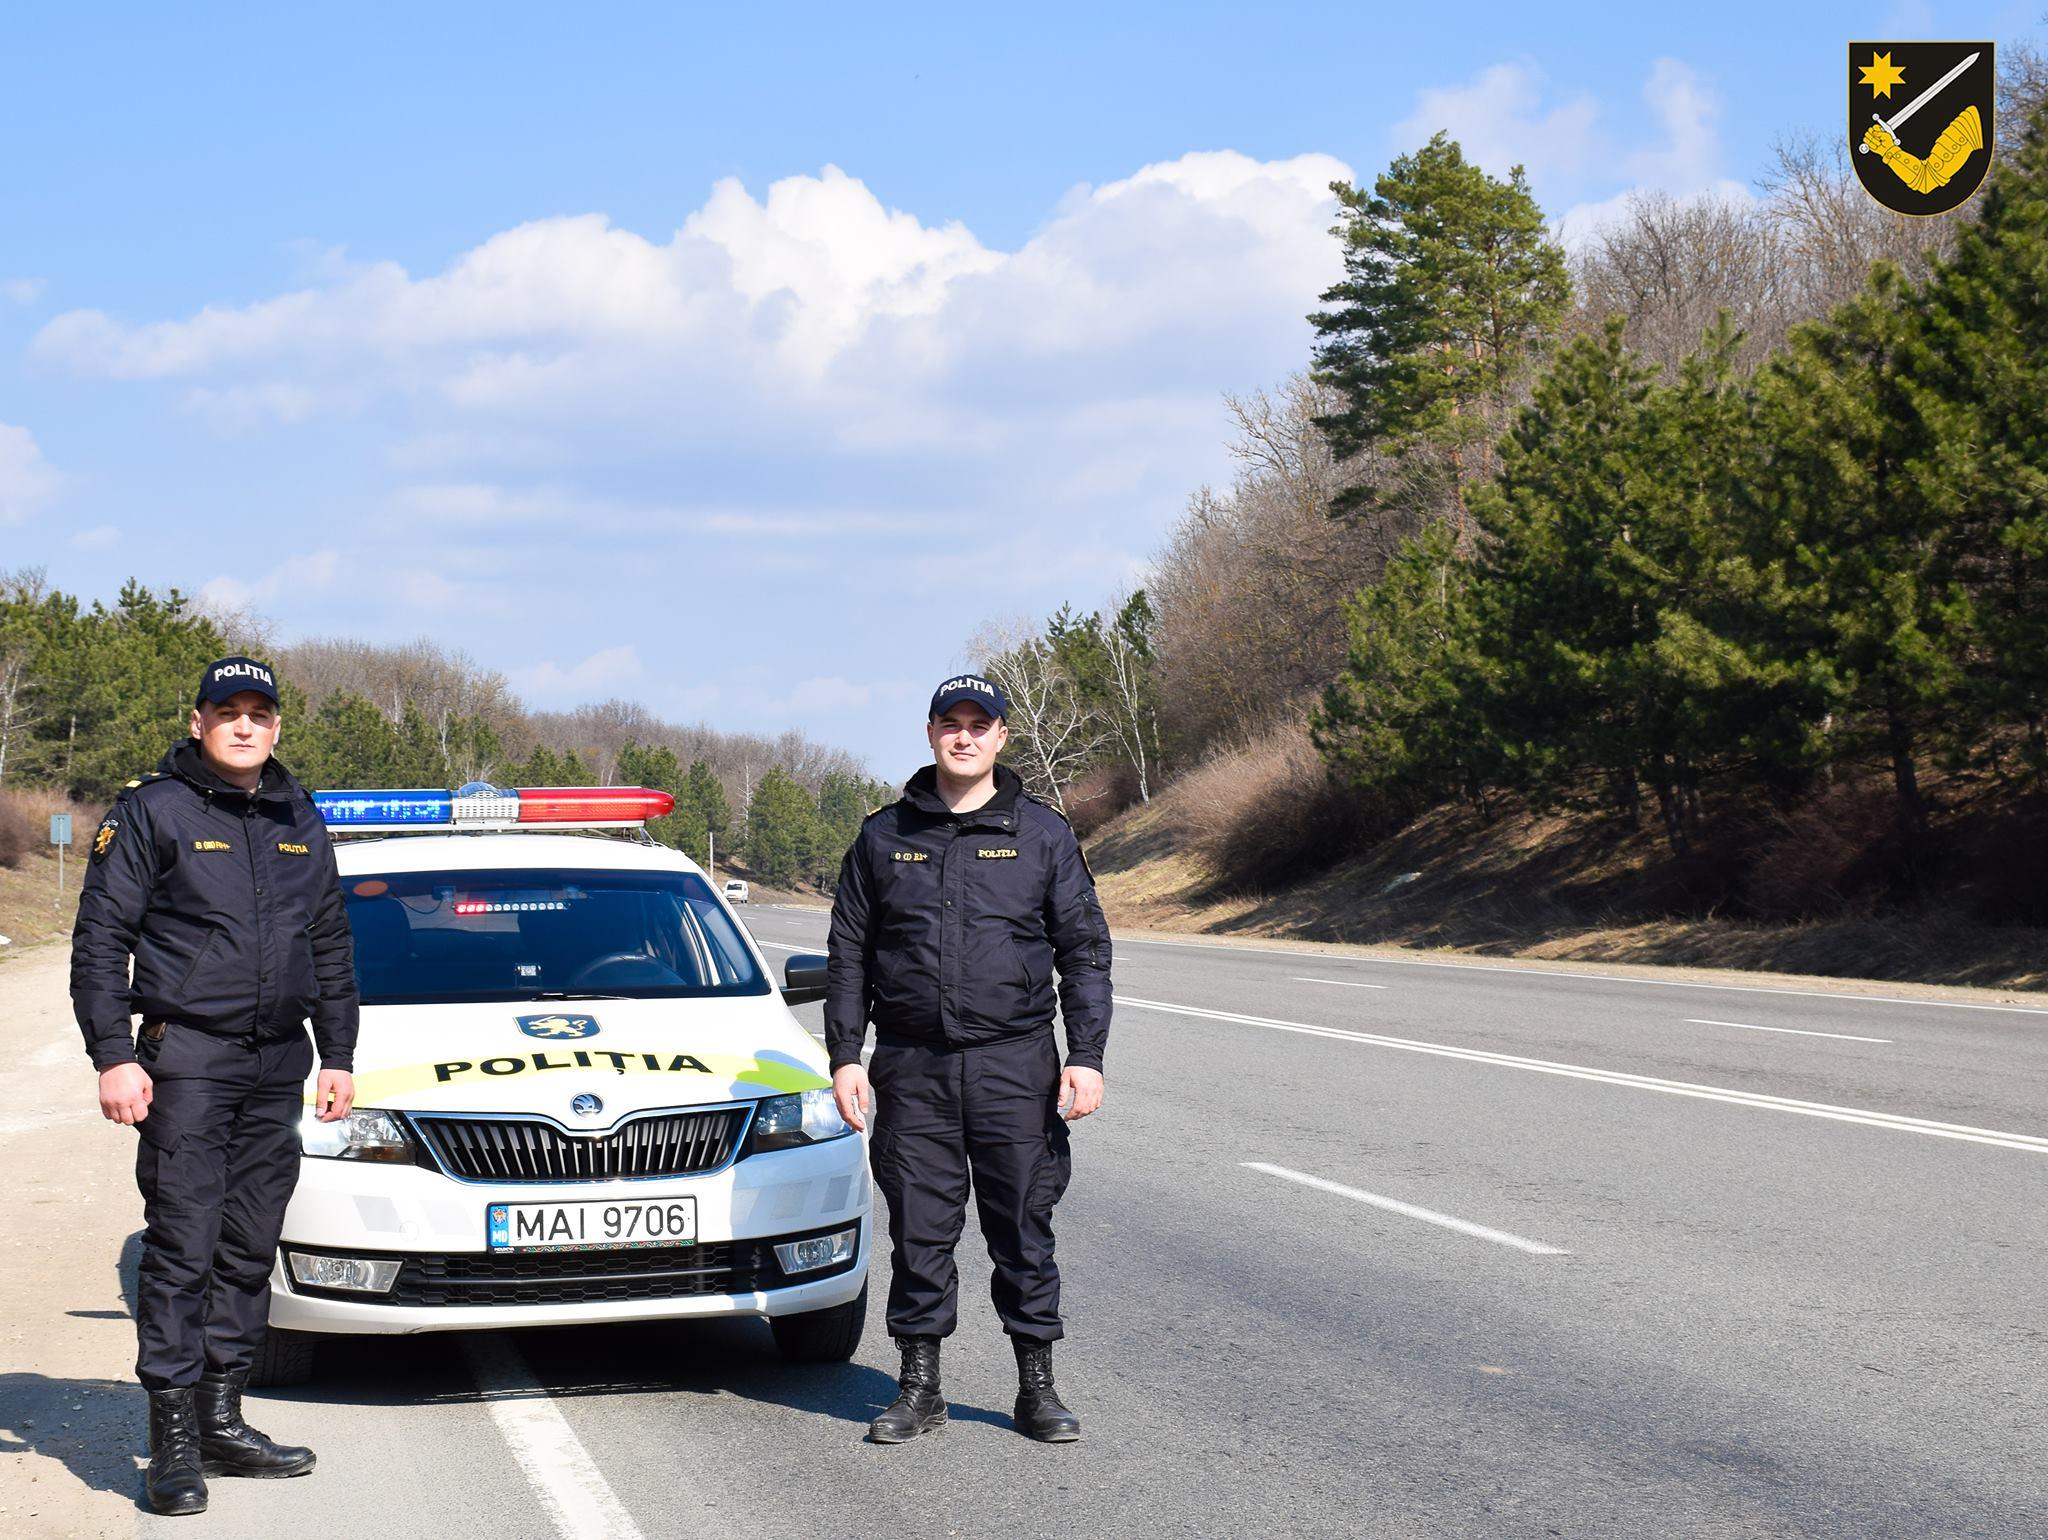 Более 600 лихачей и 20 пьяных водителей поймали сотрудники НИП в выходные дни